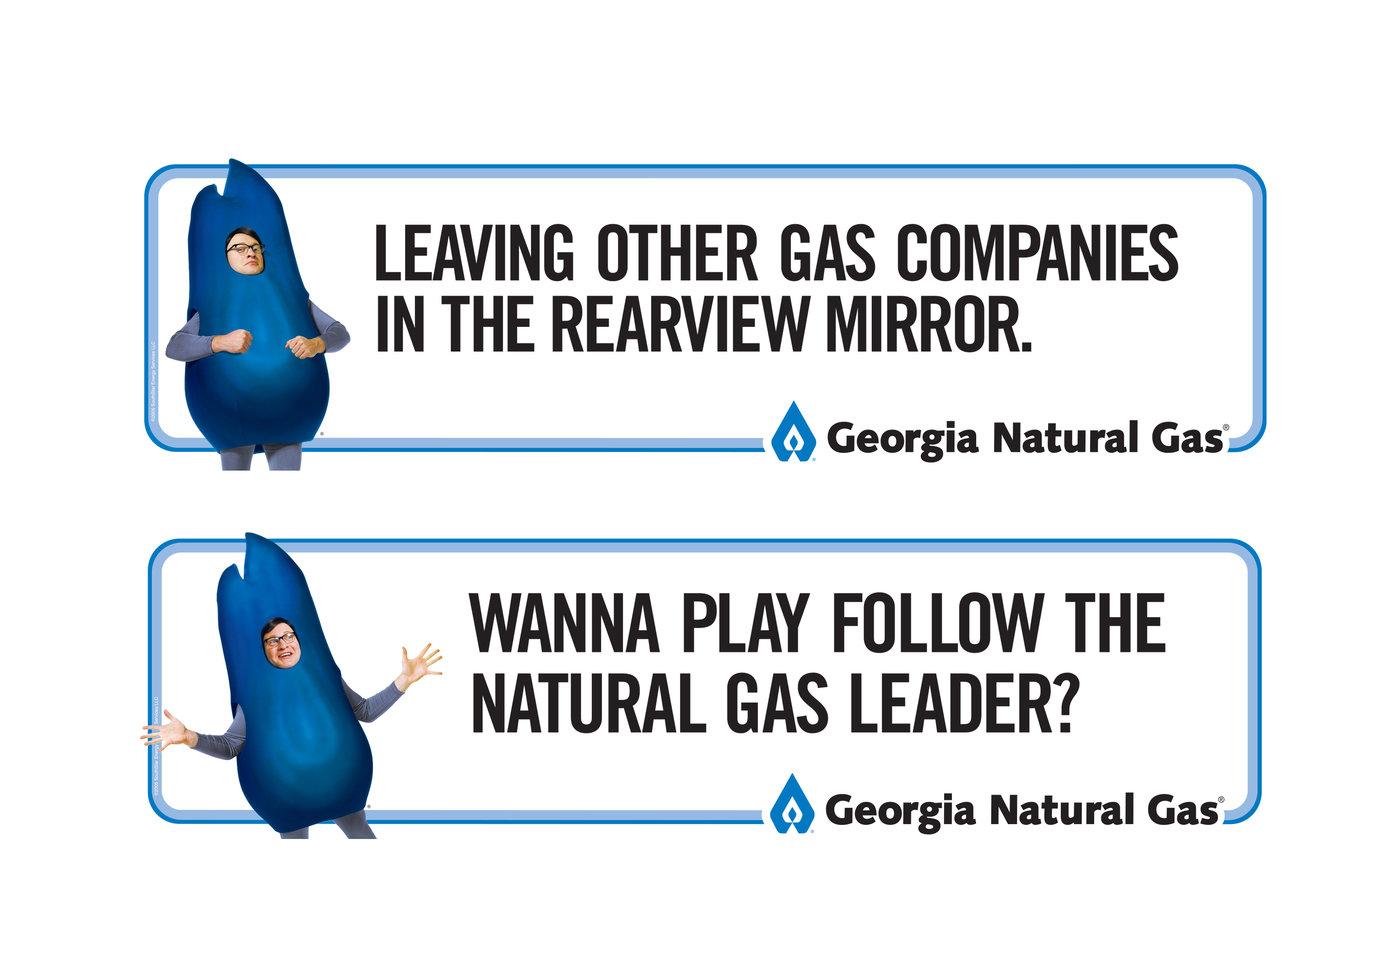 Gas Companies In Georgia >> Georgia Natural Gas By Dianne Wisham At Coroflot Com